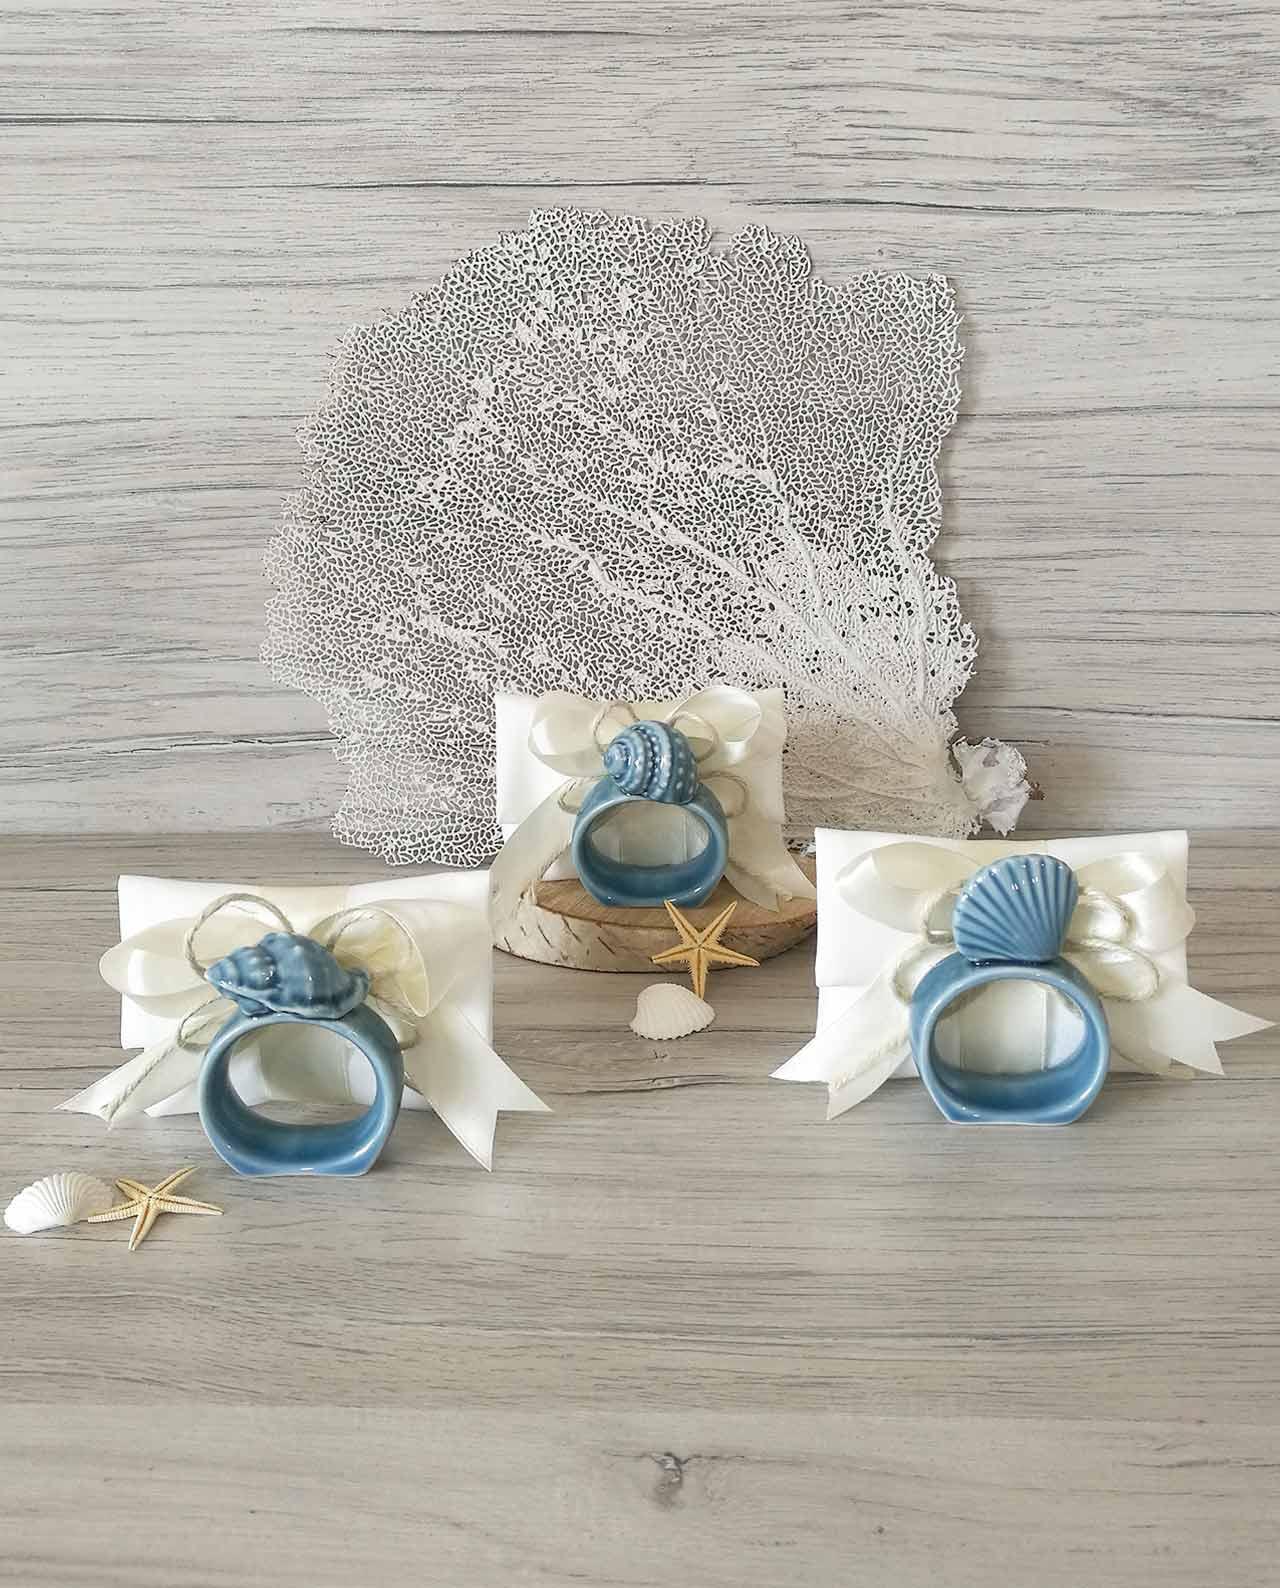 Bomboniera Legatovagliolo Ceramica Blu Con Conchiglie Su